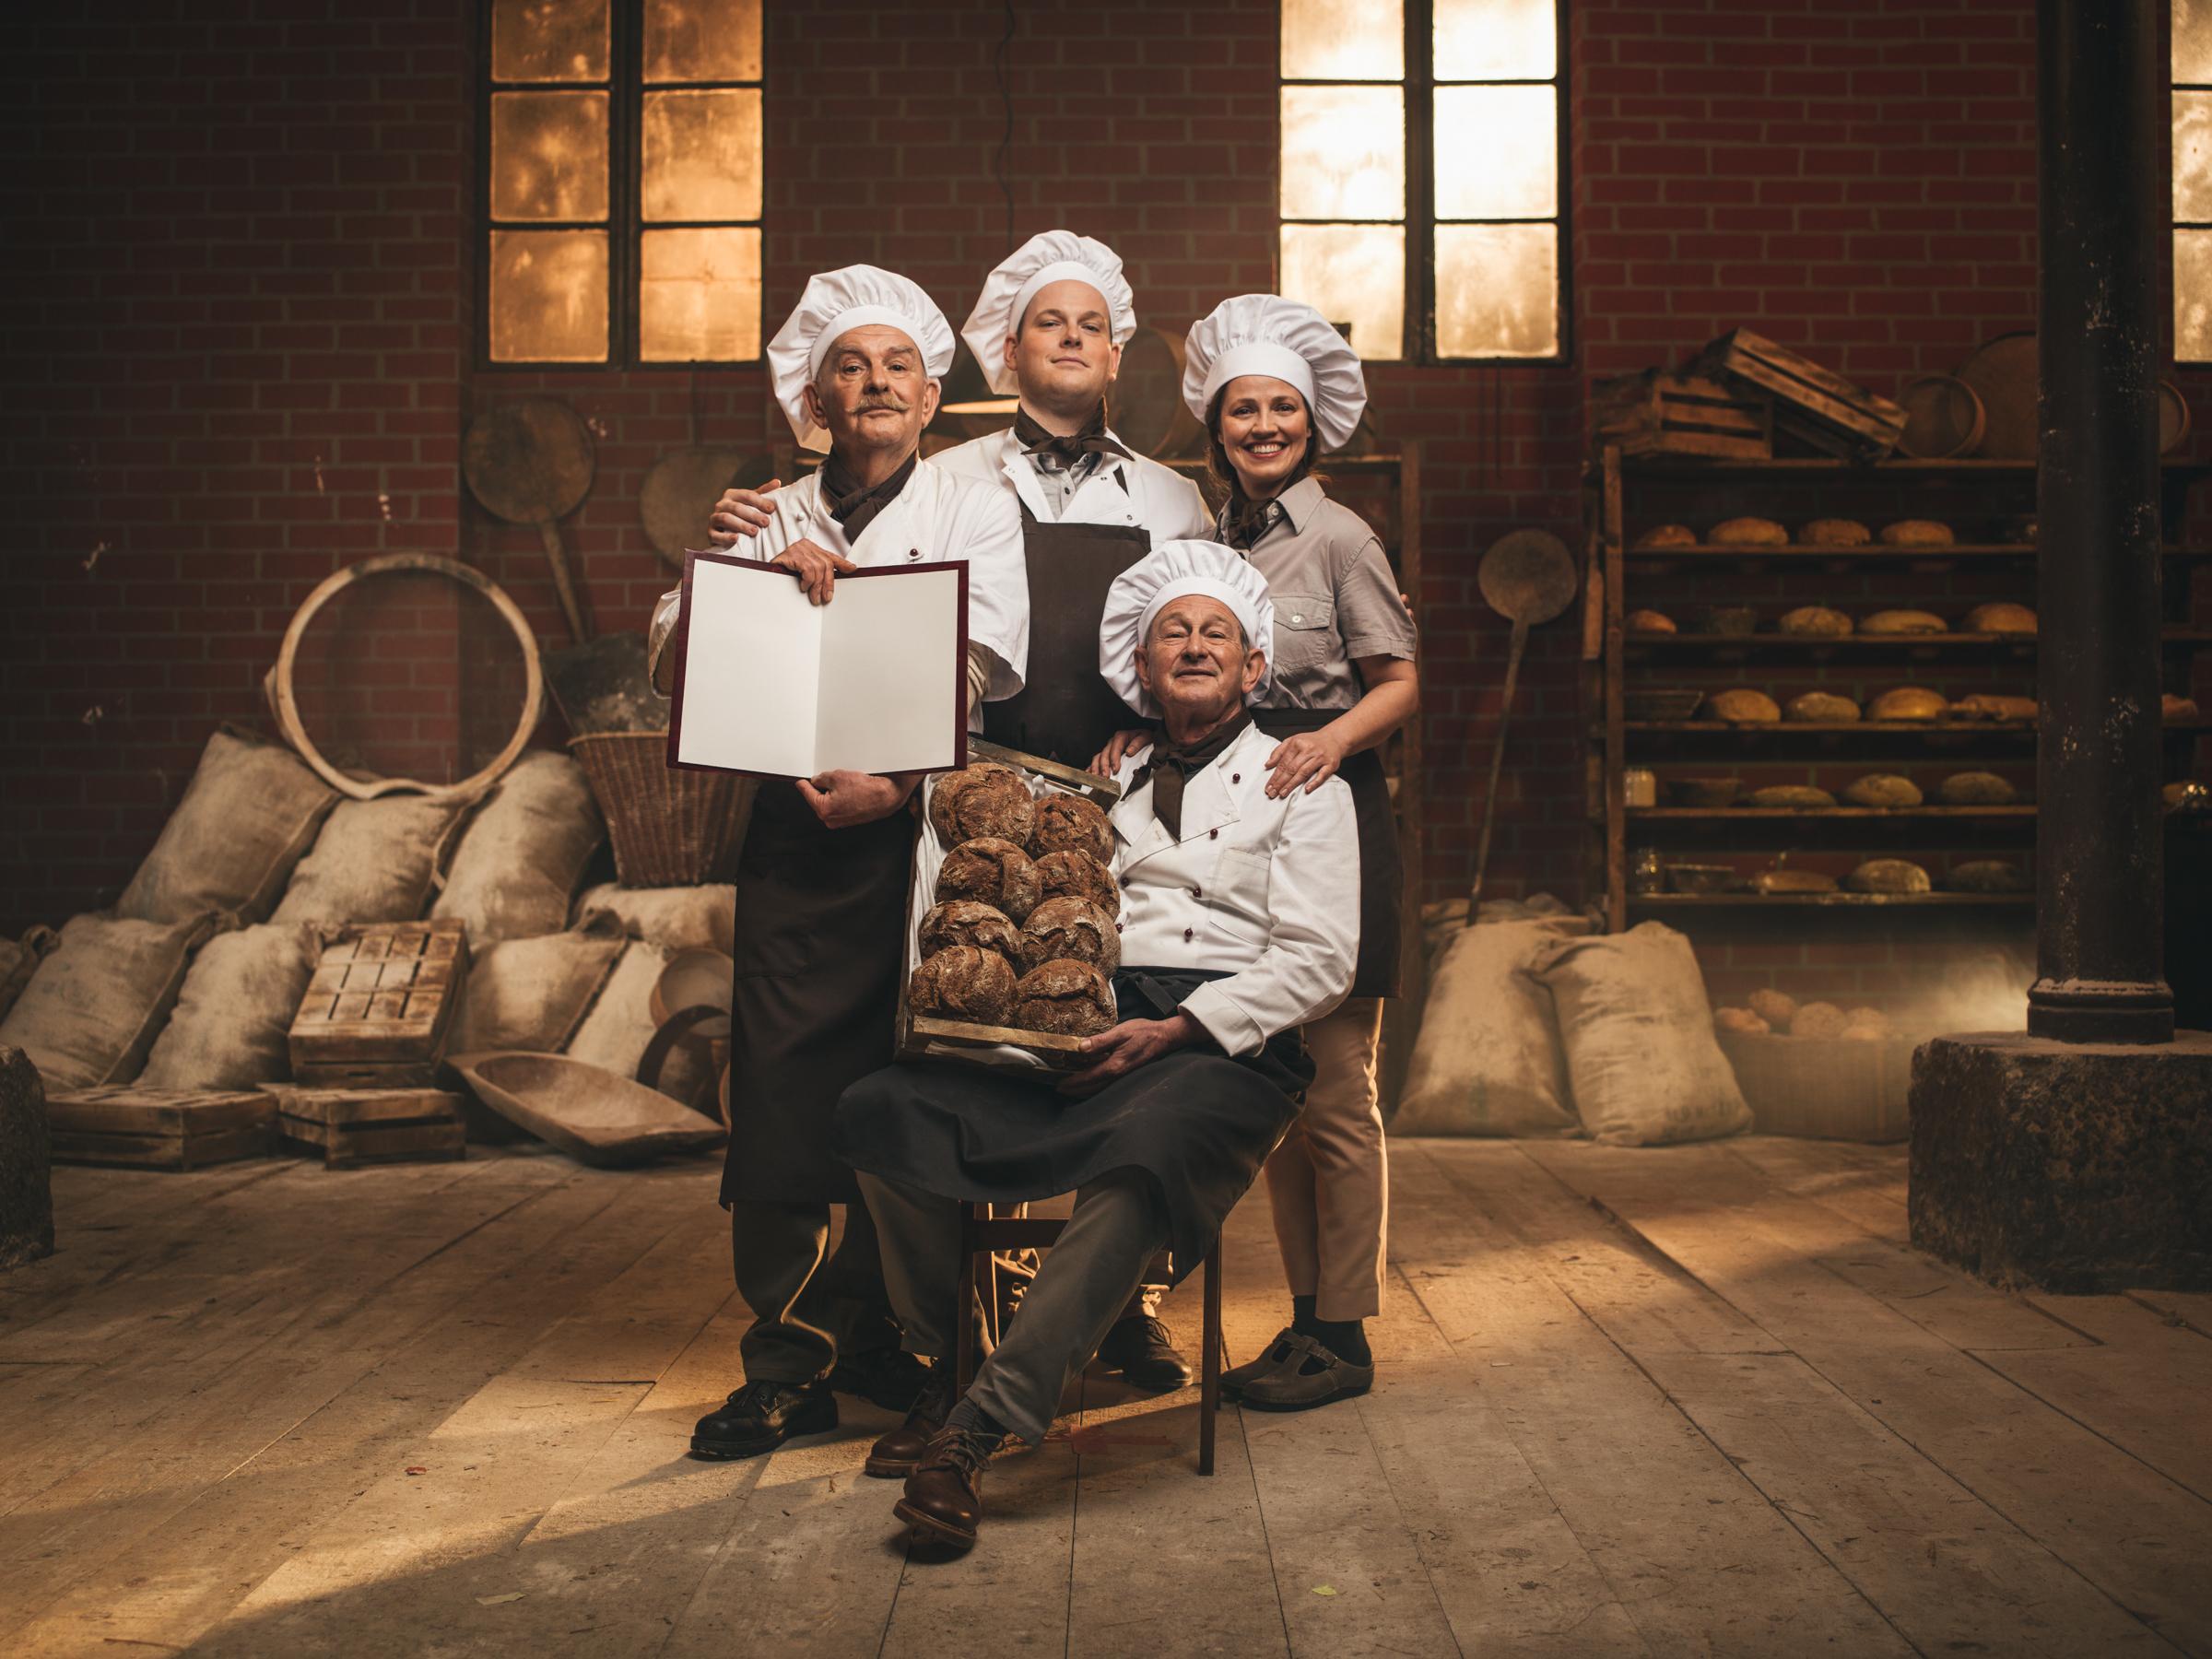 Hofer Bake Off  for Saatchi & Saatchi